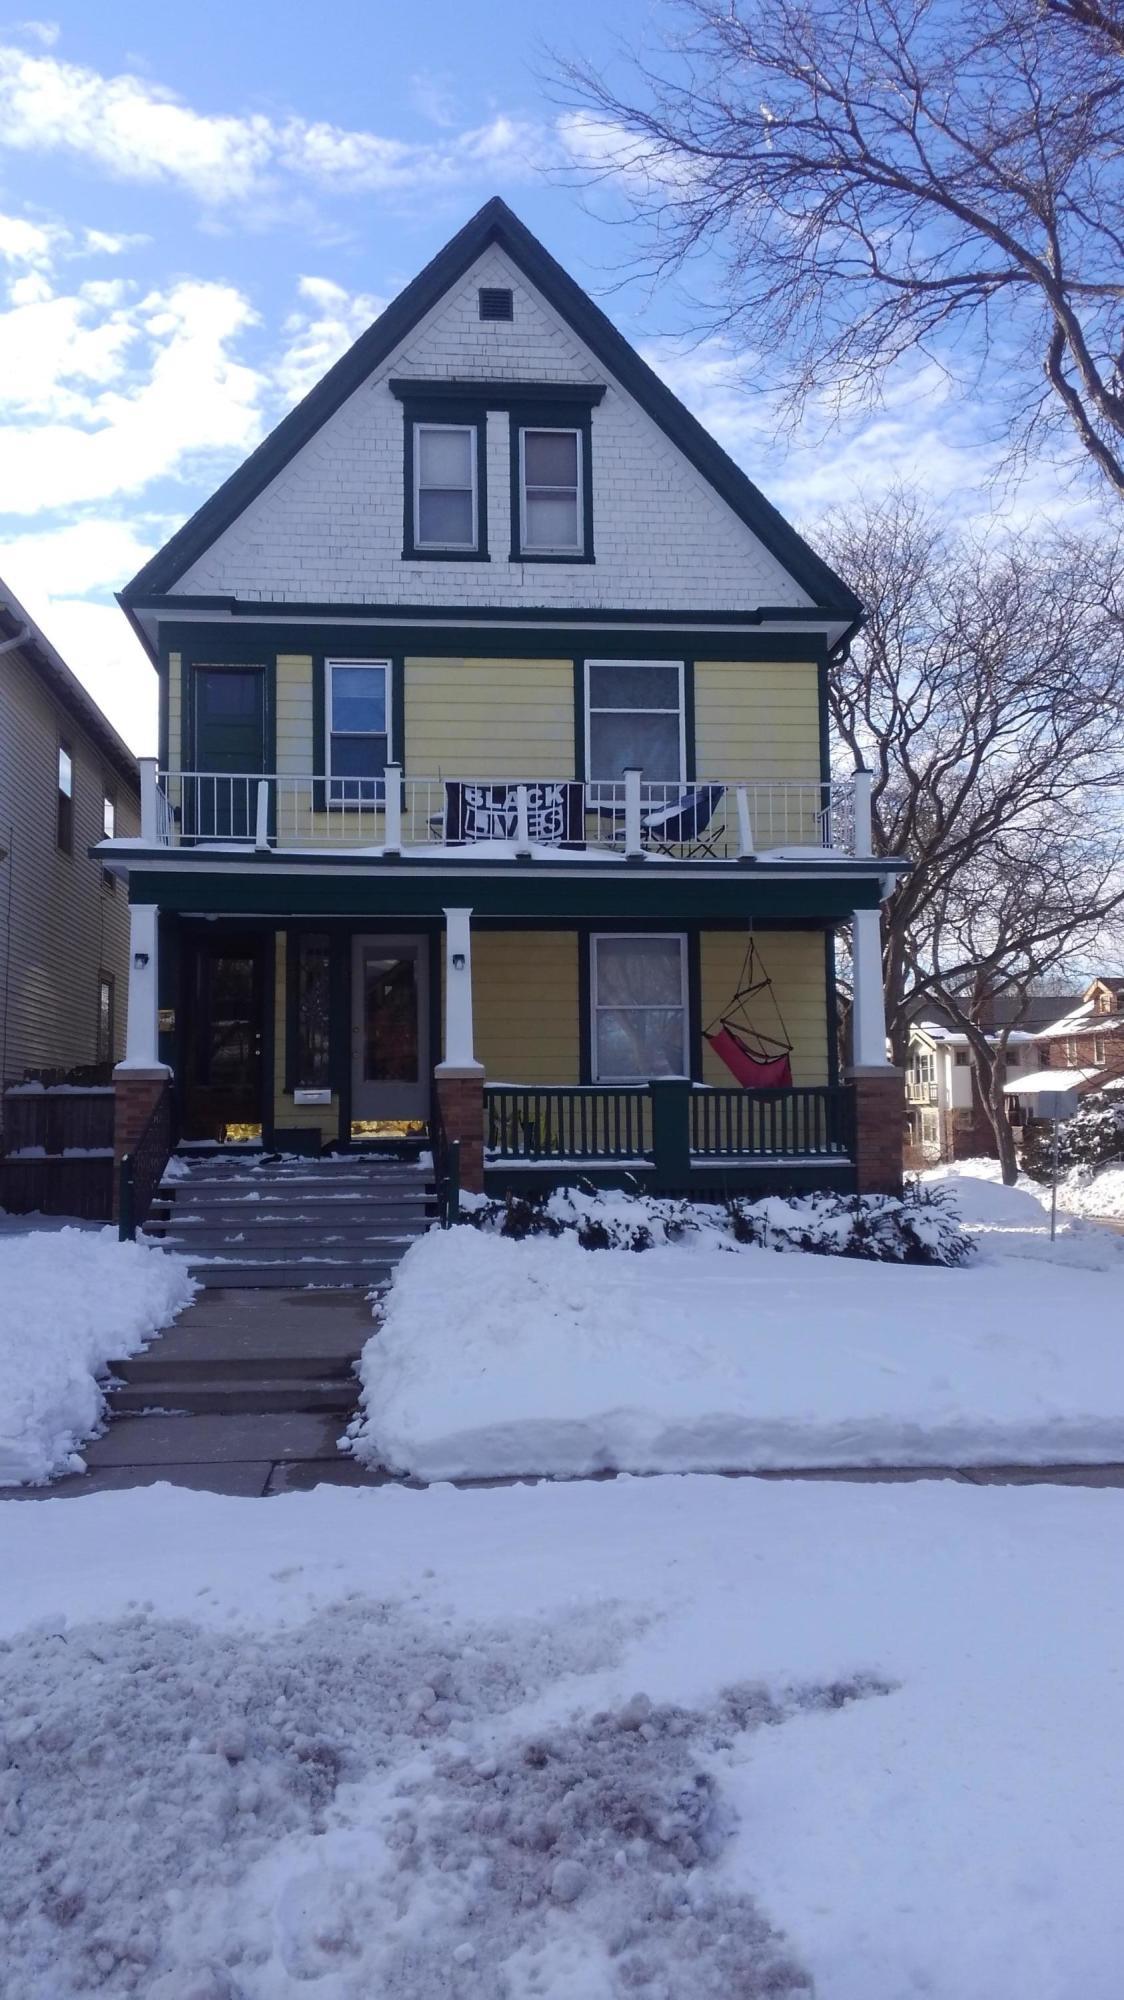 Photo of 2977 N Cramer St #2979, Milwaukee, WI 53211